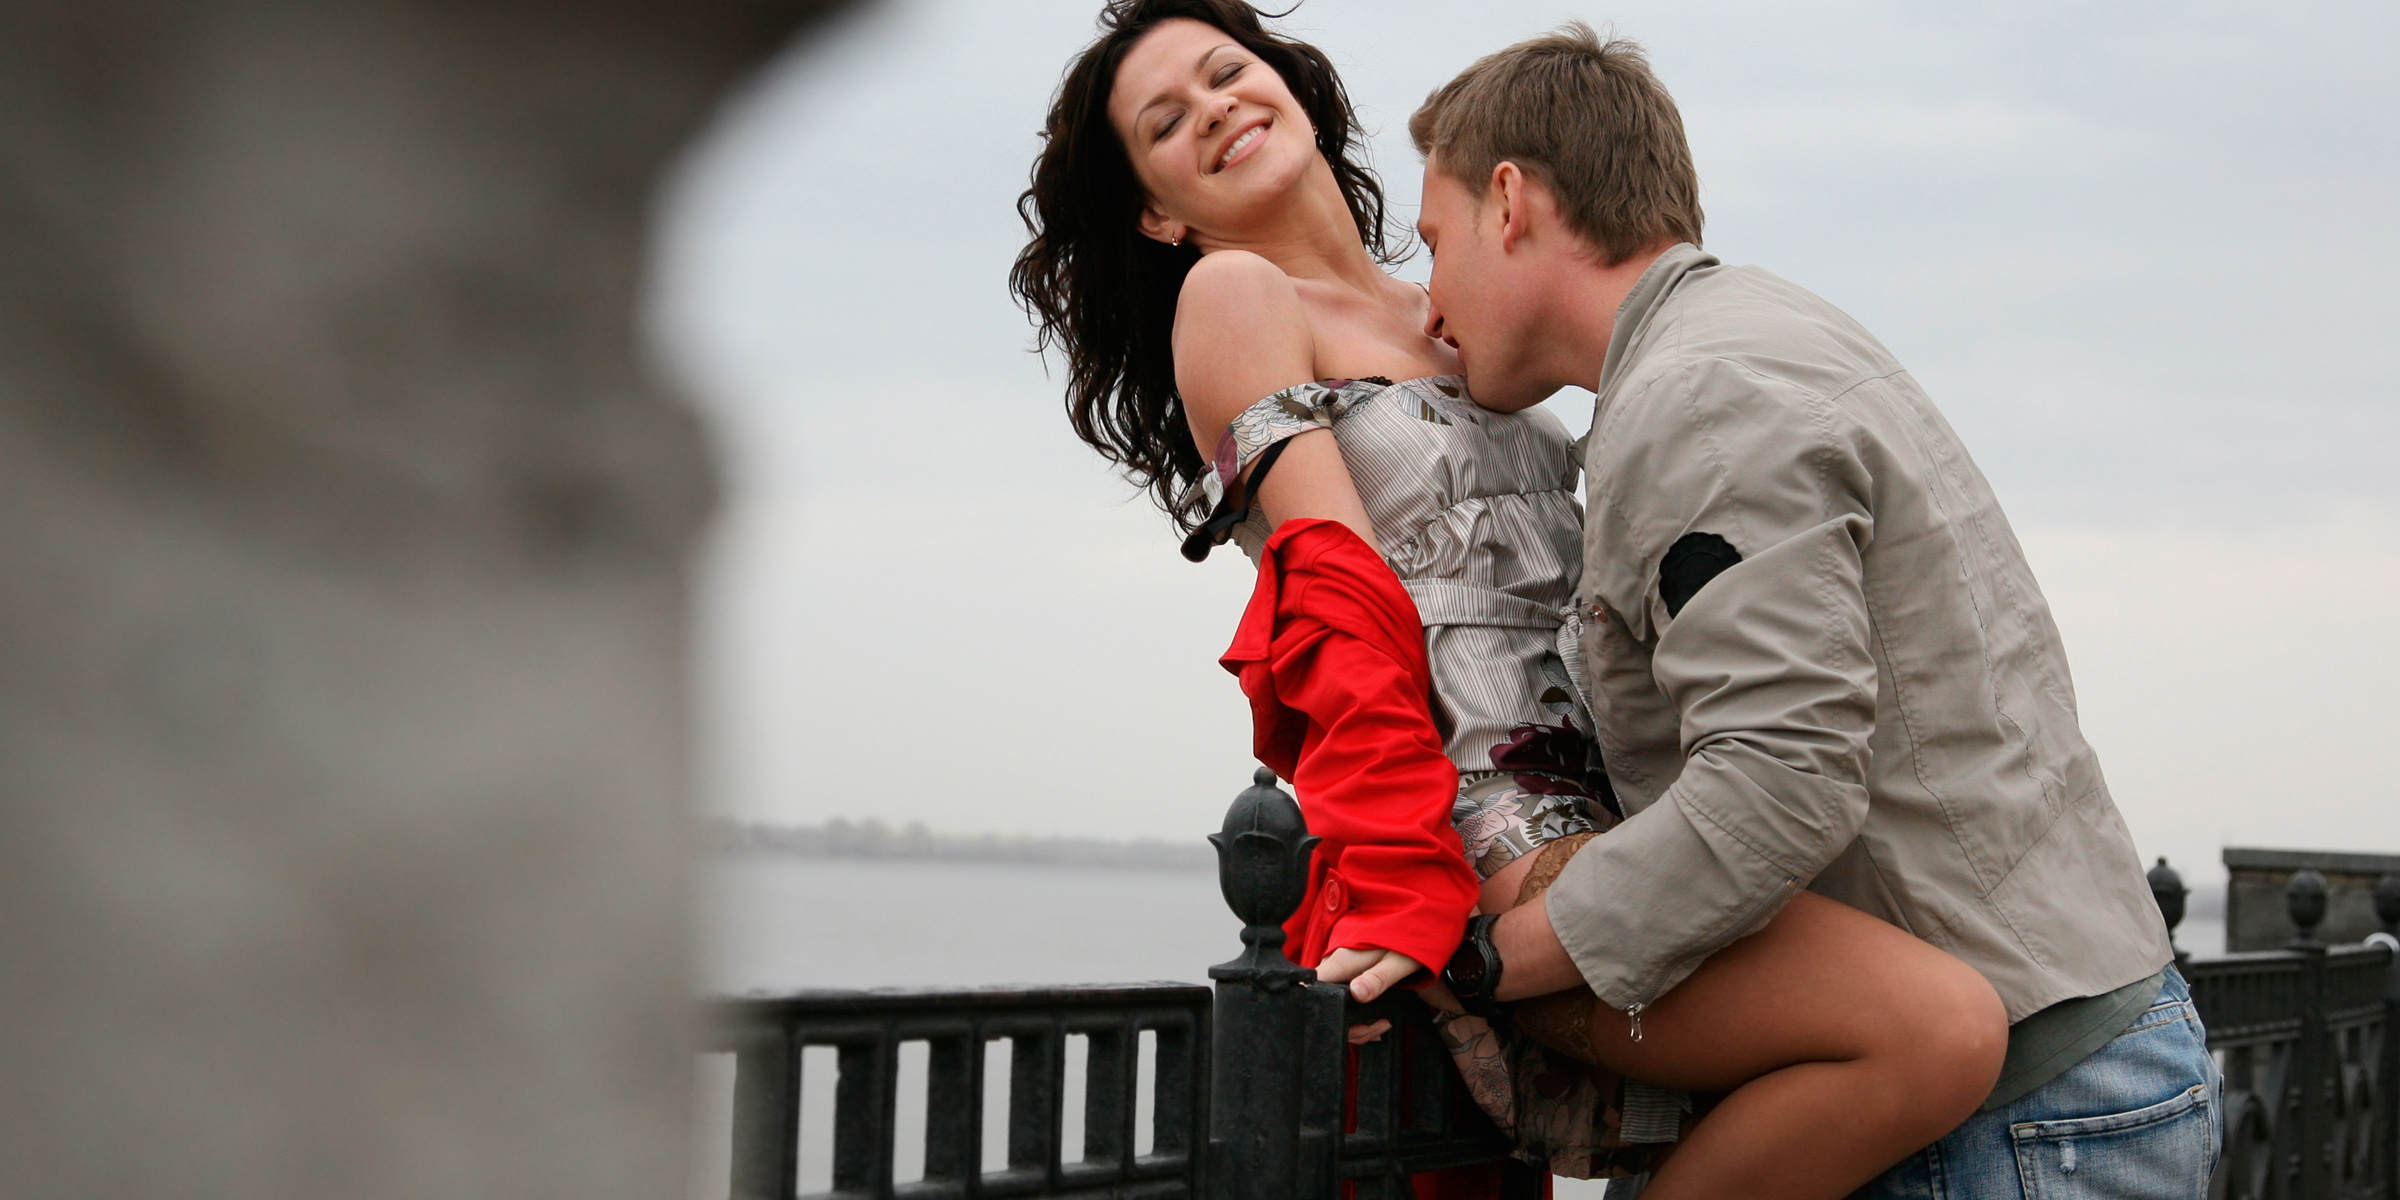 szex nyilvános videóban meleg szex előjáték